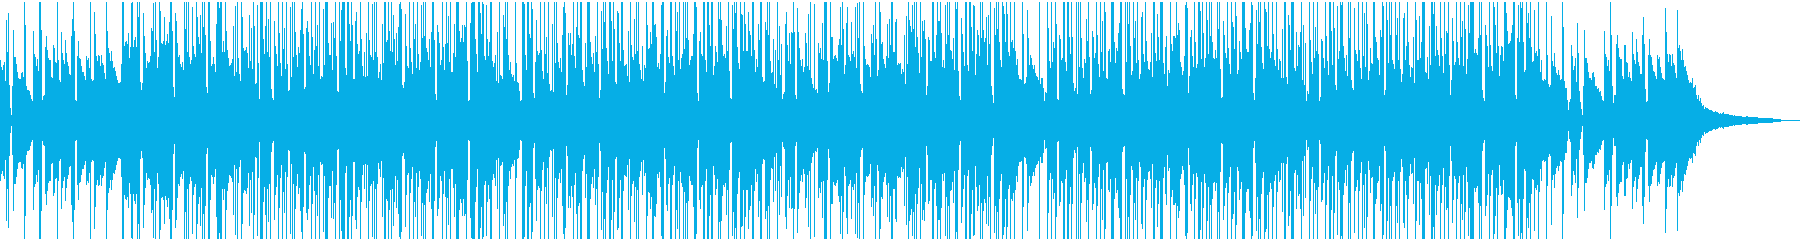 インストヒップホップっぽいお洒落なBGMの再生済みの波形